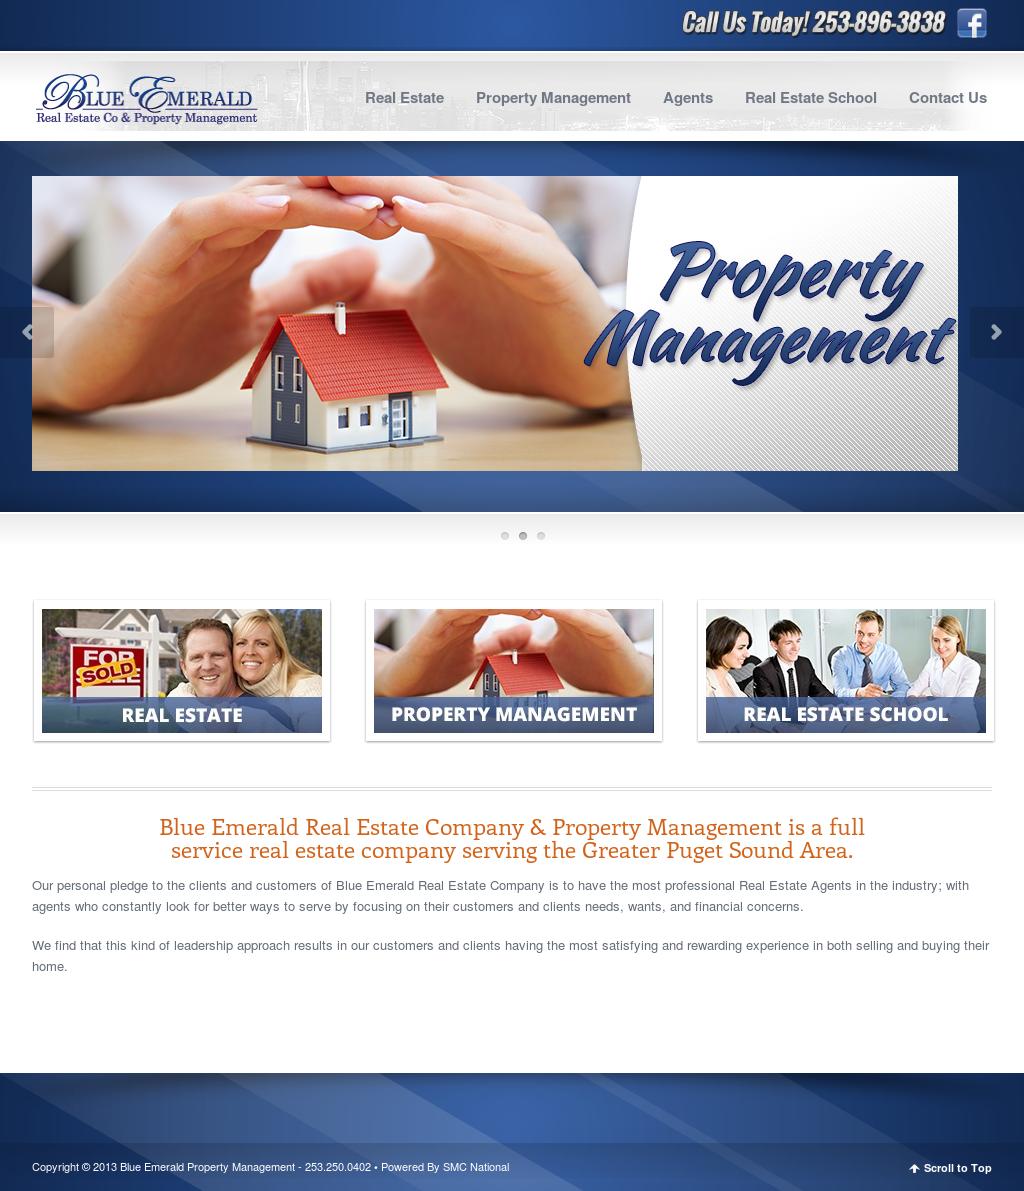 Blue Emerald Real Estate Property Management